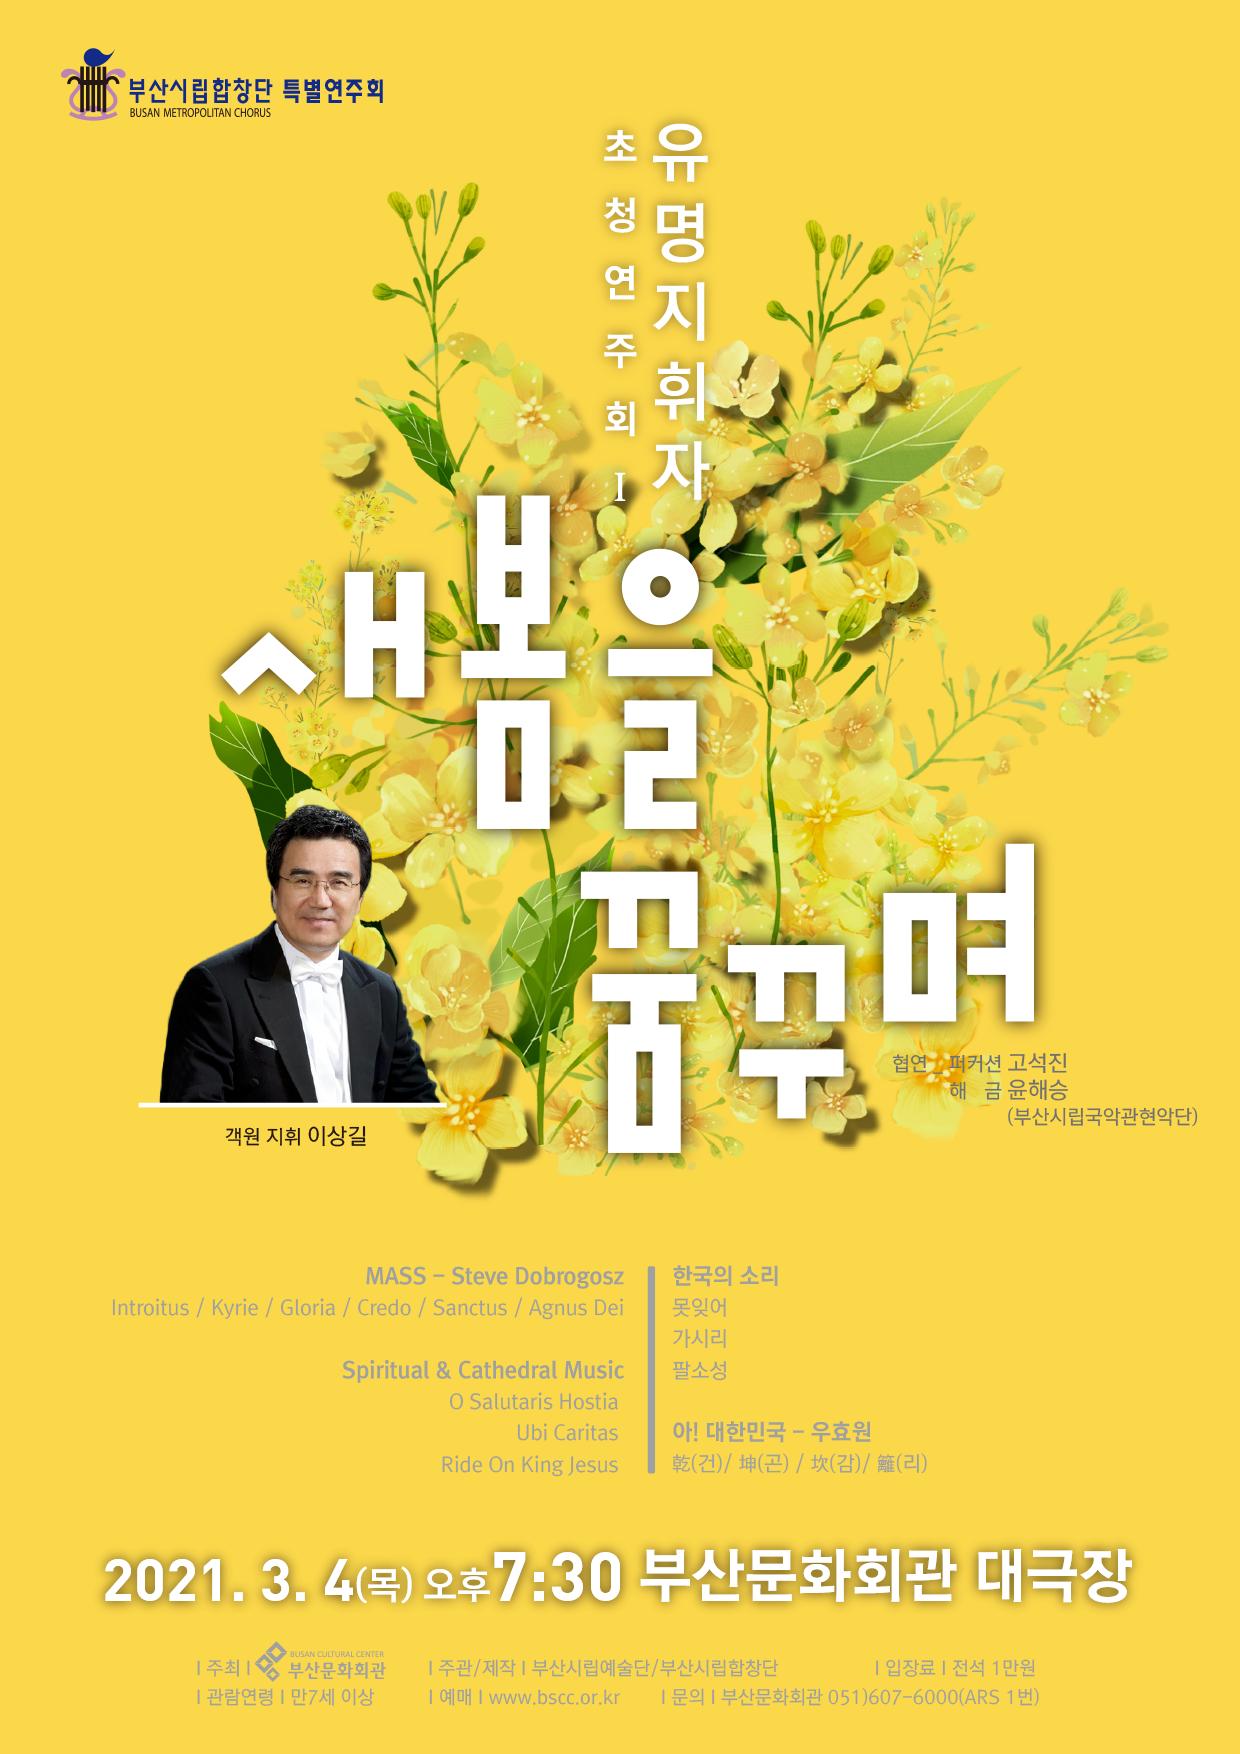 부산시립합창단 특별연주회 <새봄을 꿈꾸며>